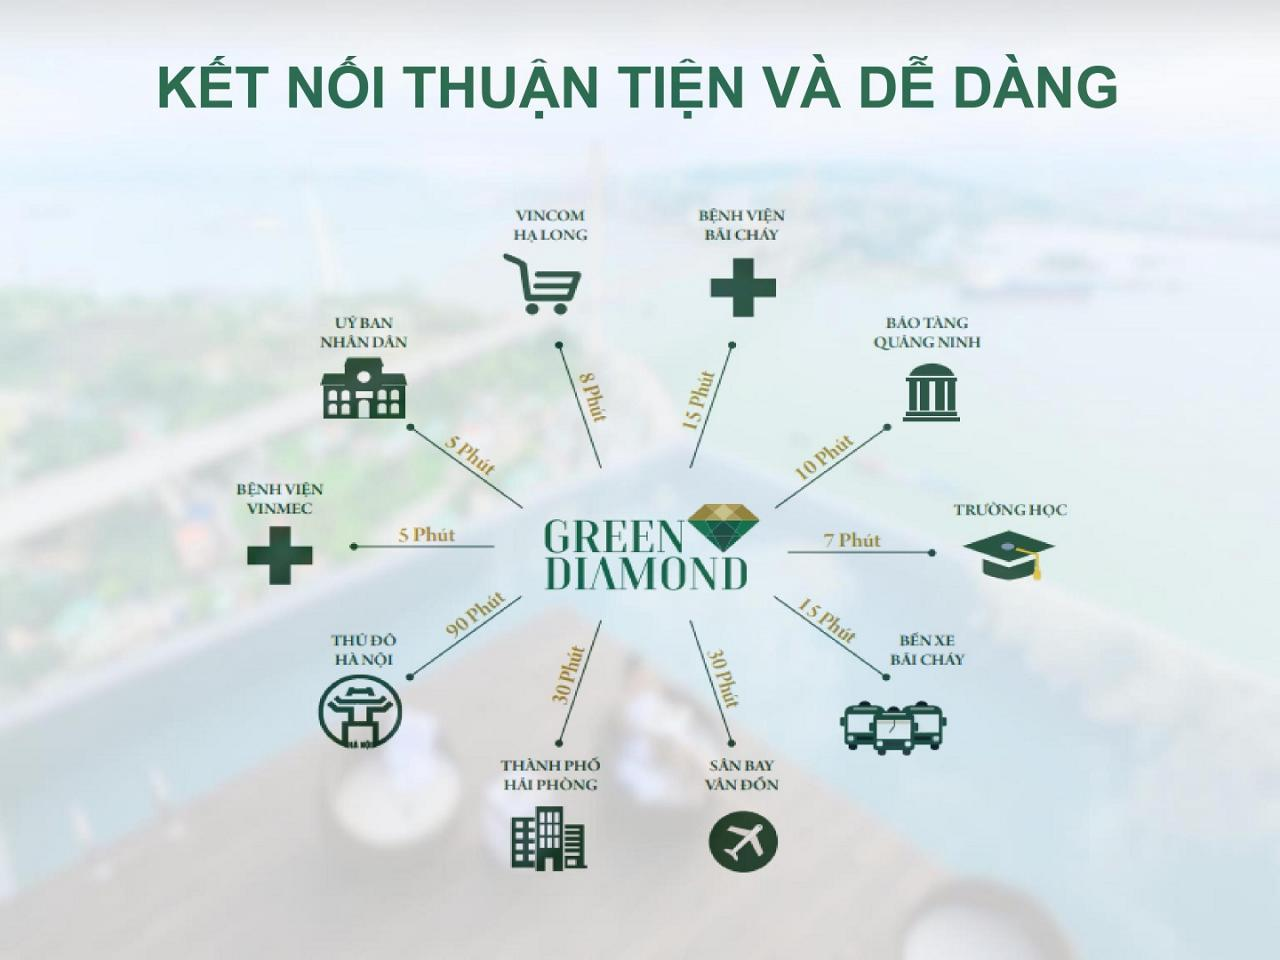 lien-ket-vung-green-diamond-ha-long - Chung Cư Hà Nội